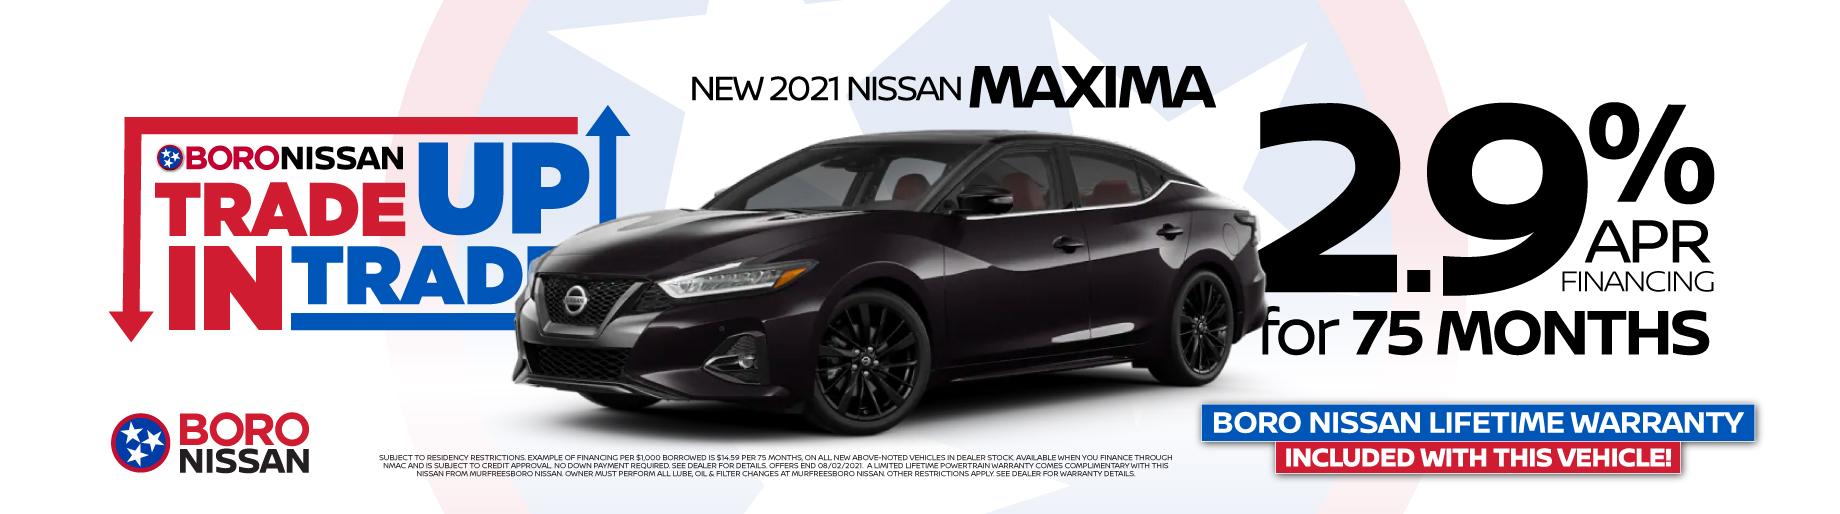 2021 Maxima